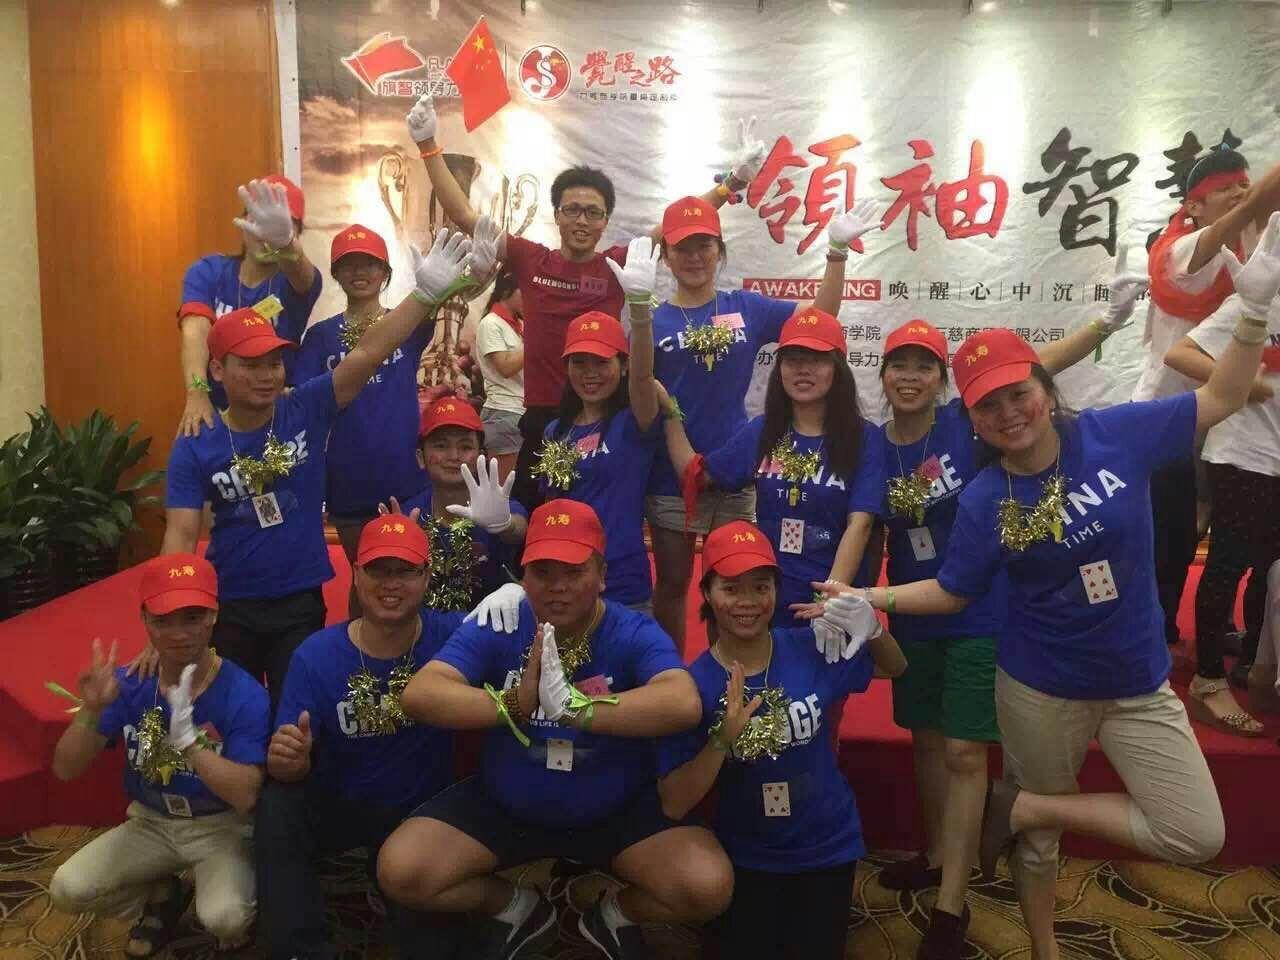 企業風采之領袖智慧 企業風采-廣西南寧市九壽貿易有限公司